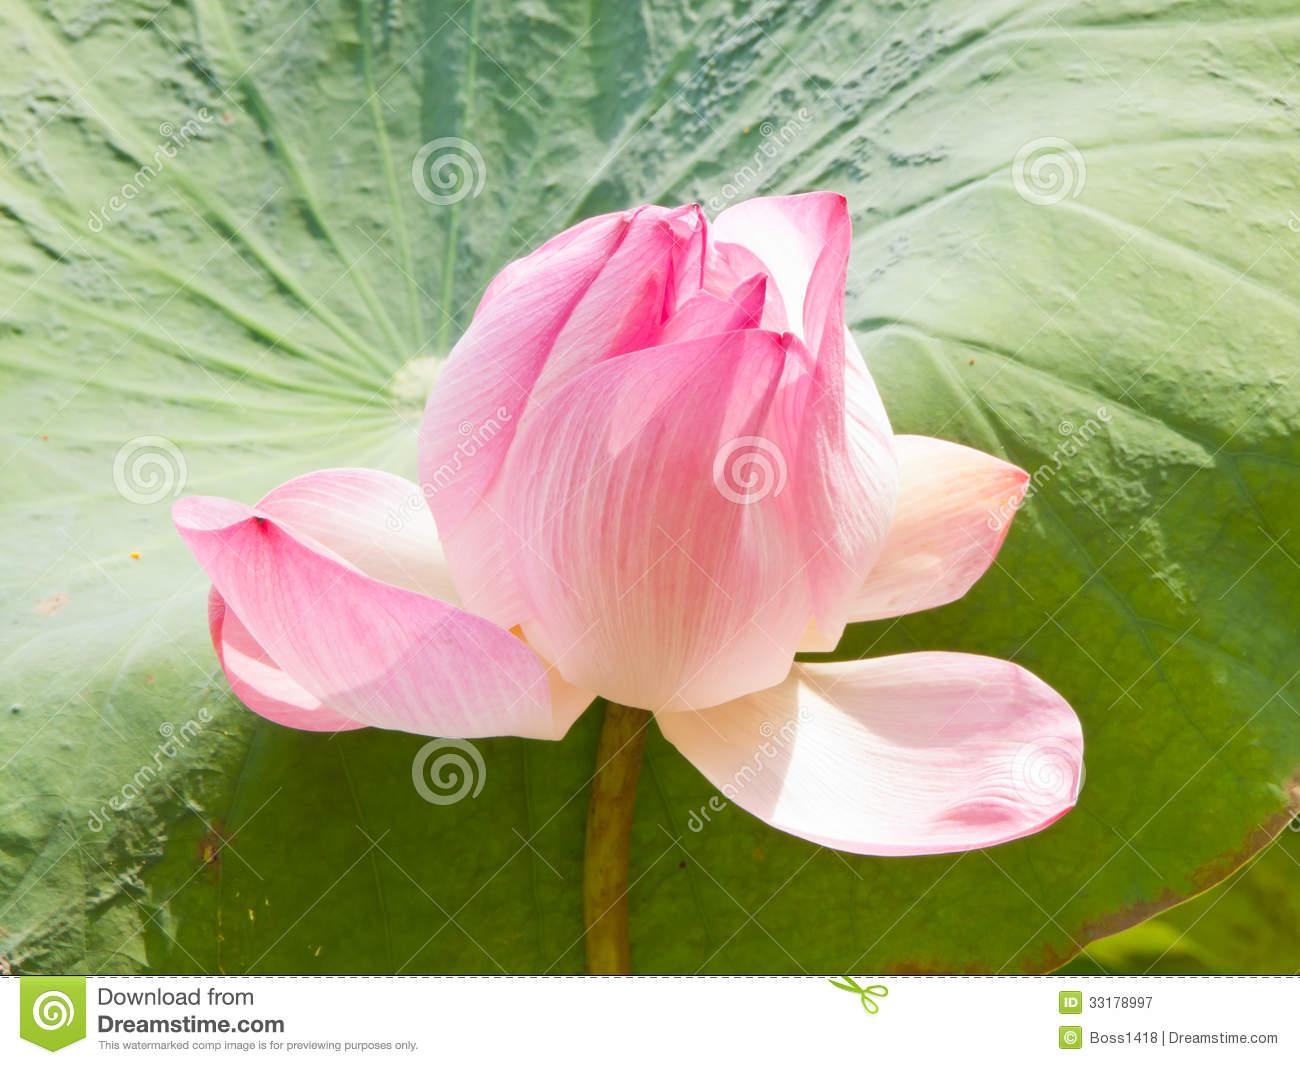 Pink lotus flower wallpaper hd pink lotus flowers wallpaper hd pink lotus 36 desktop background hdflowerwallpaper izmirmasajfo